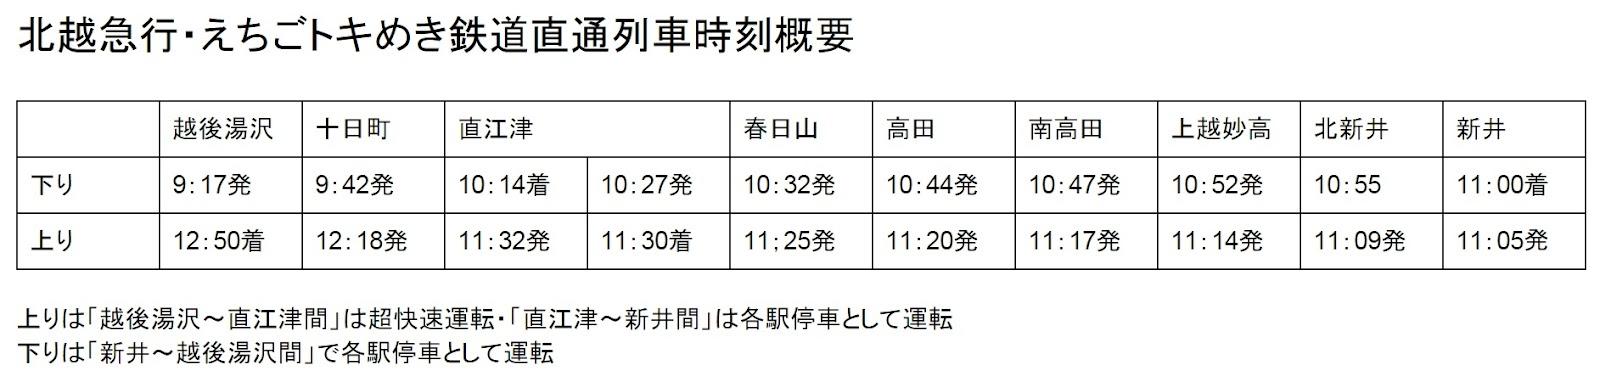 北越急行・えちごトキめき鉄道直通列車時刻概要